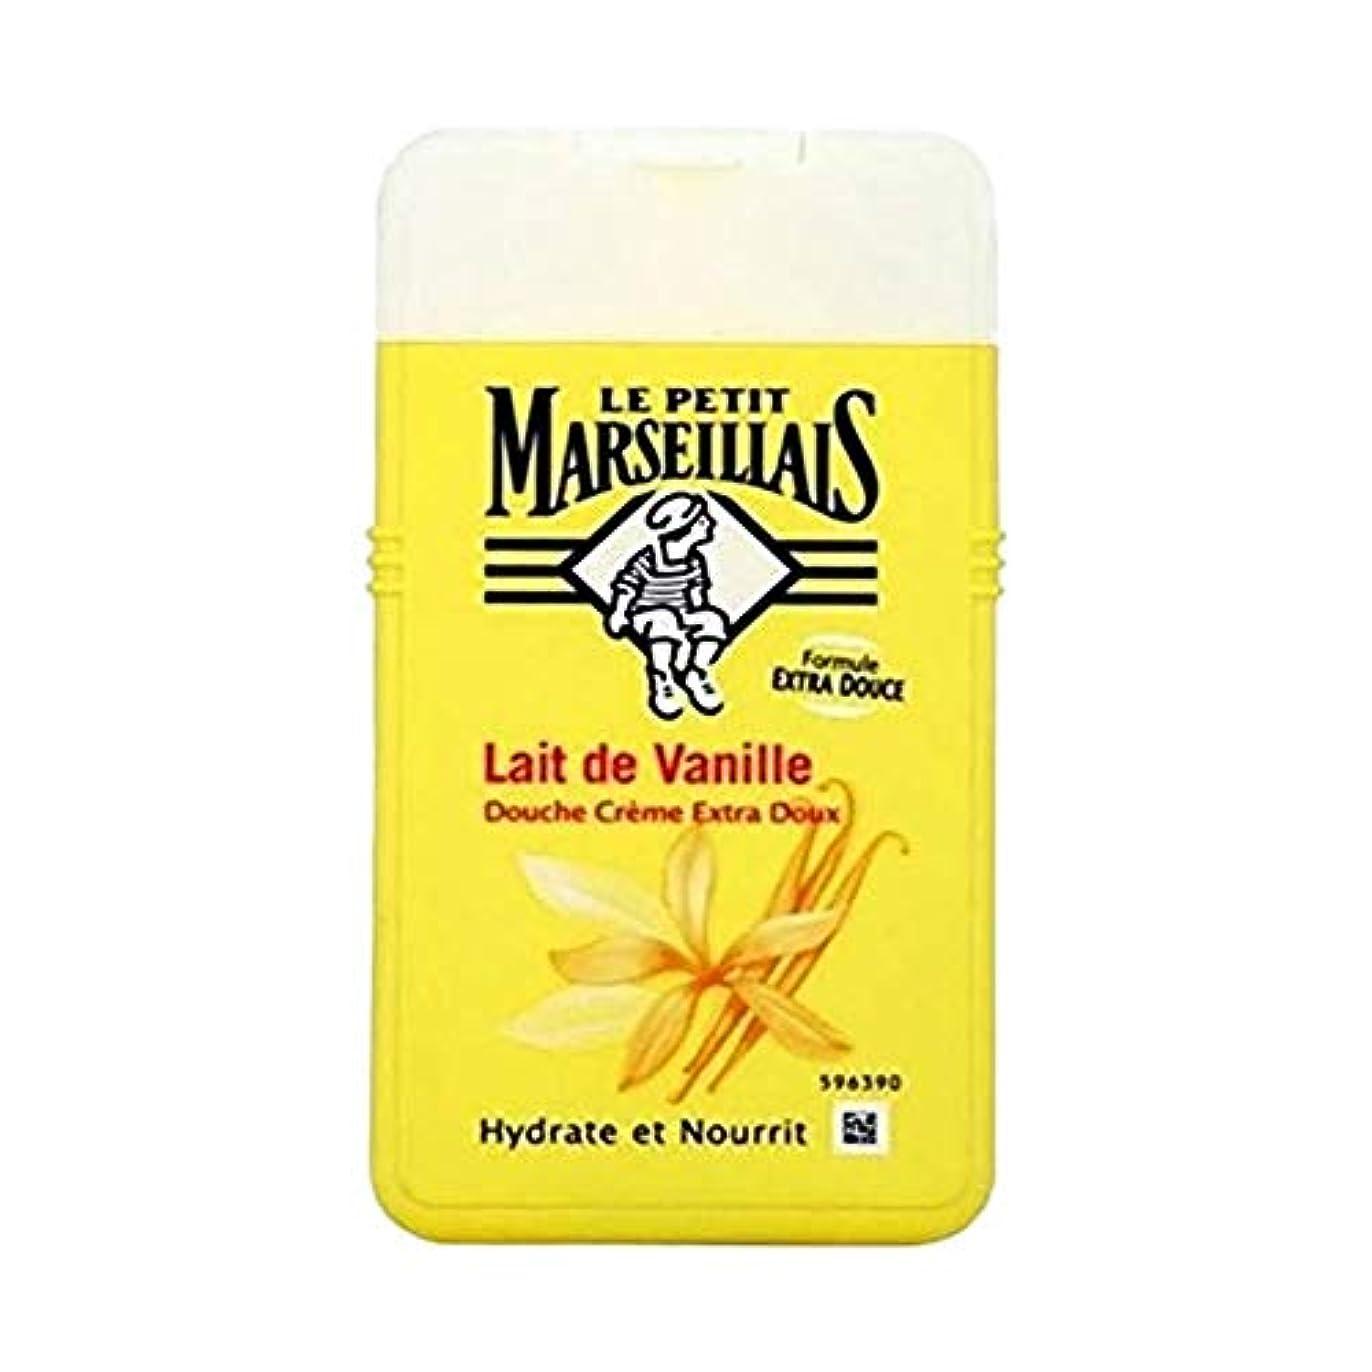 商標アーク毎日「バニラミルク」 シャワークリーム フランスの「ル?プティ?マルセイユ (Le Petit Marseillais)」 250ml ボディウォッシュ